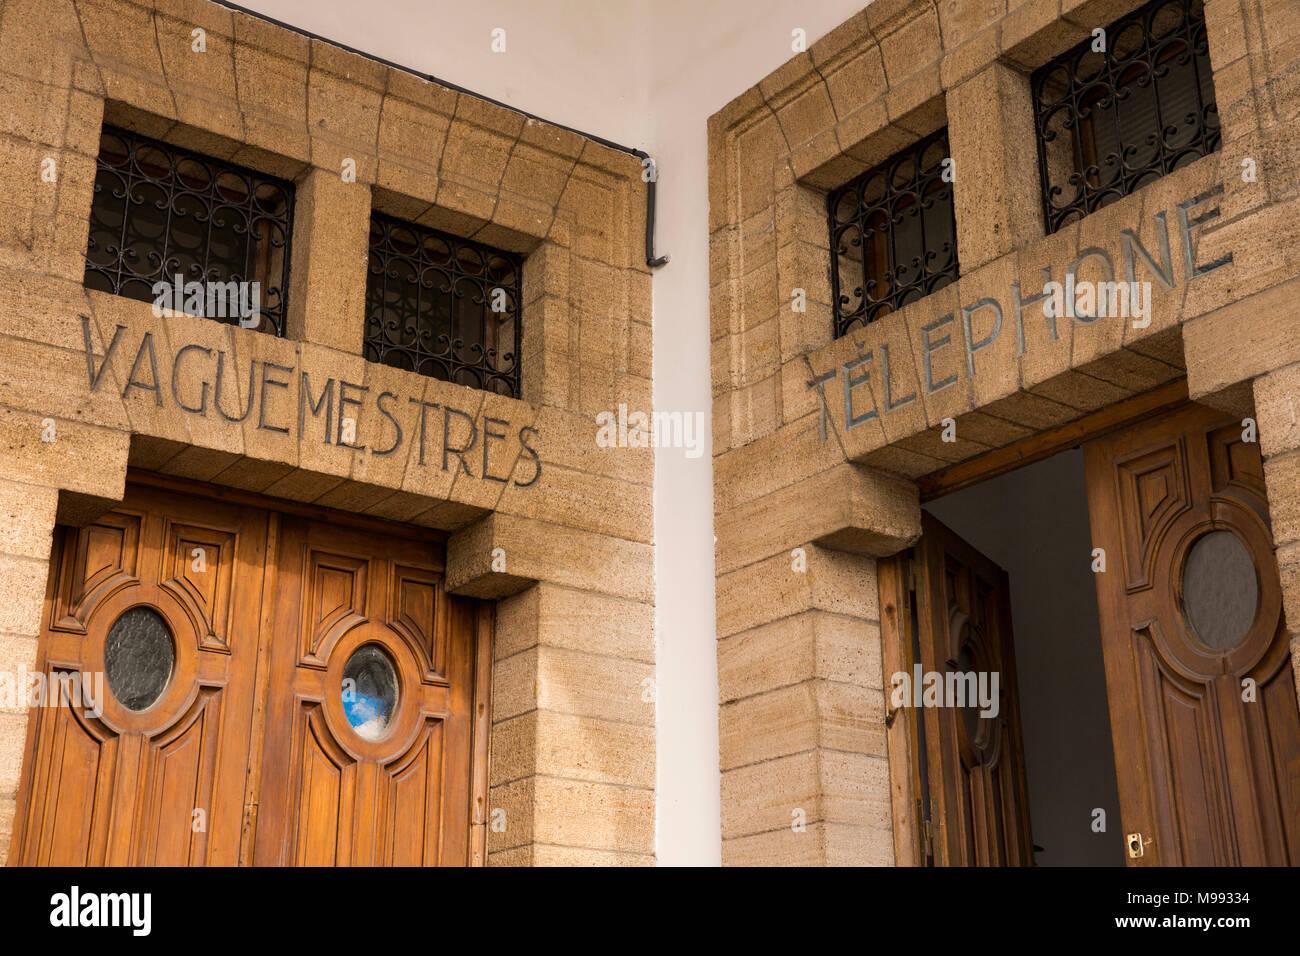 Maroc casablanca centre ville avenue hassan ii bureau de poste